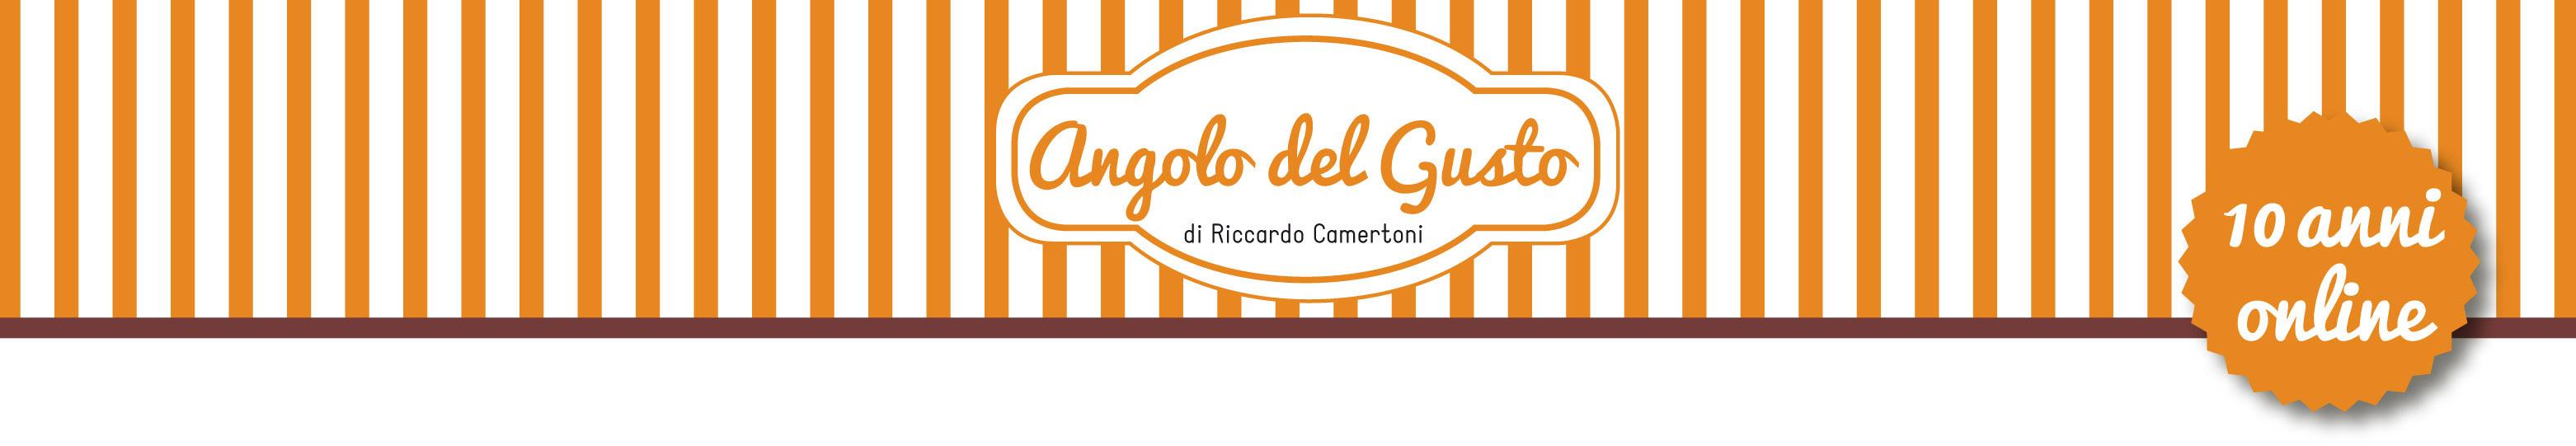 corso di cucina - Corsi Di Cucina Gratuiti Torino